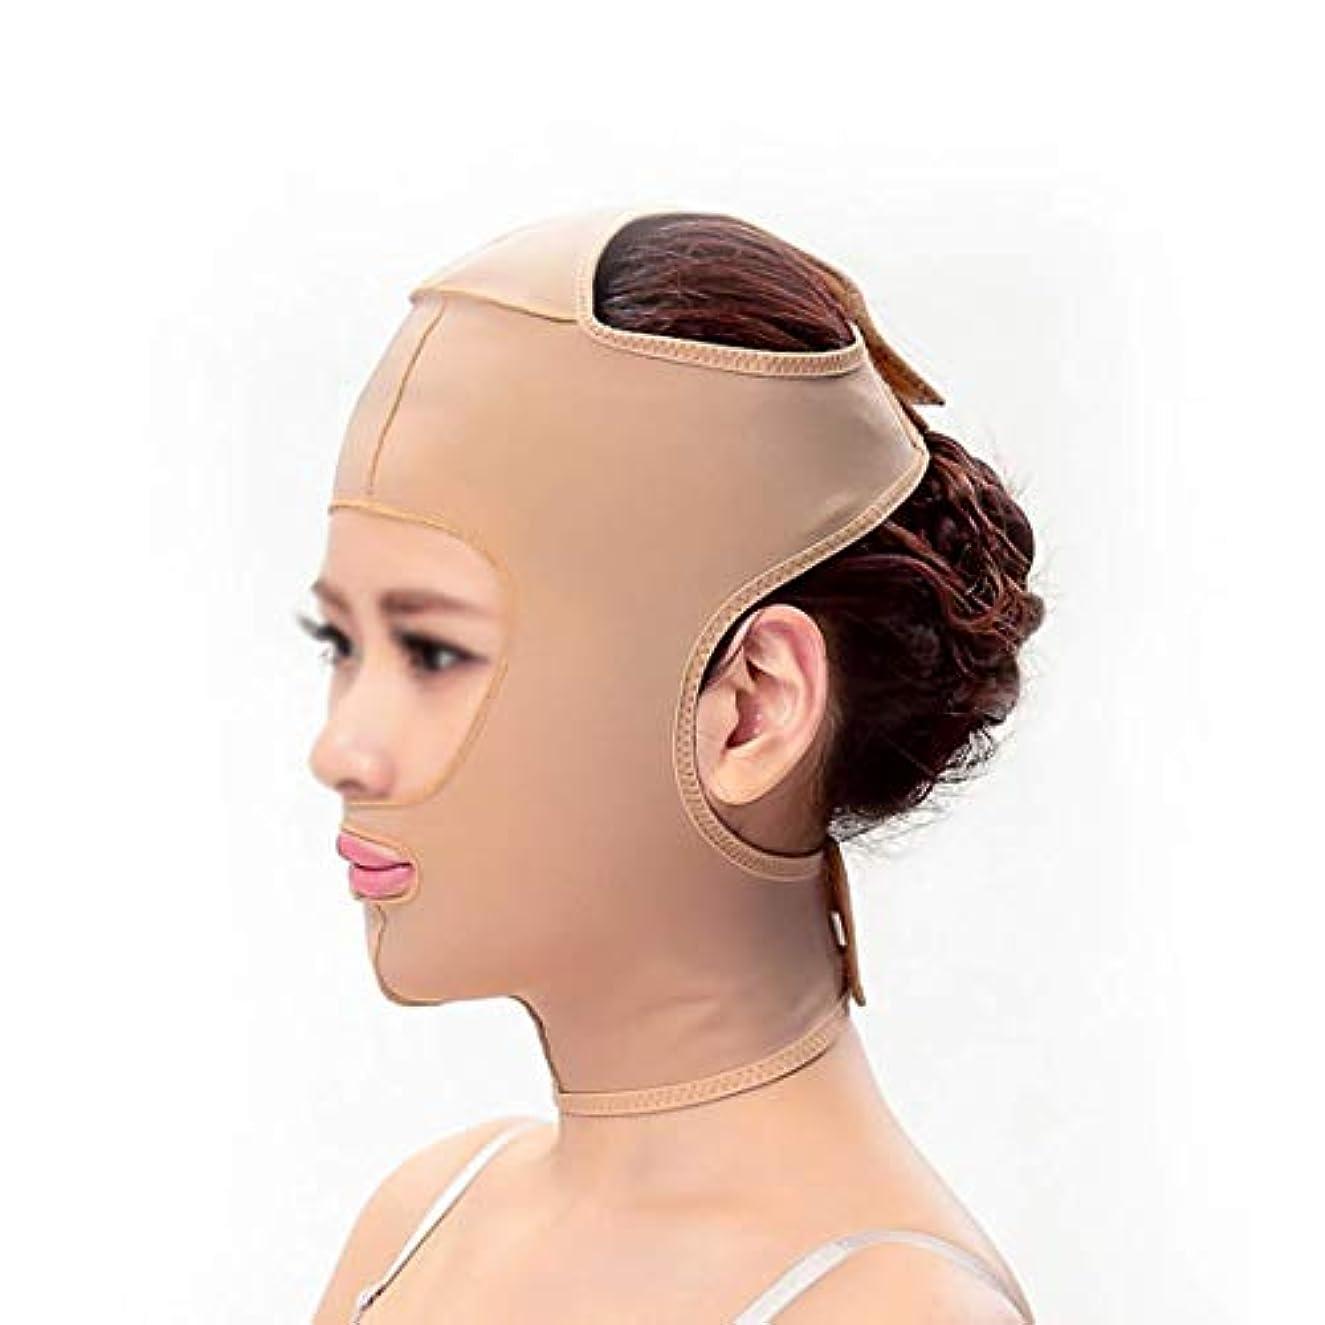 にぎやか時計回りもっともらしいスリミングベルト、二重あごの引き締め顔面プラスチックフェイスアーティファクト強力なフェイスバンデージをサイズアップするために顔面マスクシンフェイスマスク,S